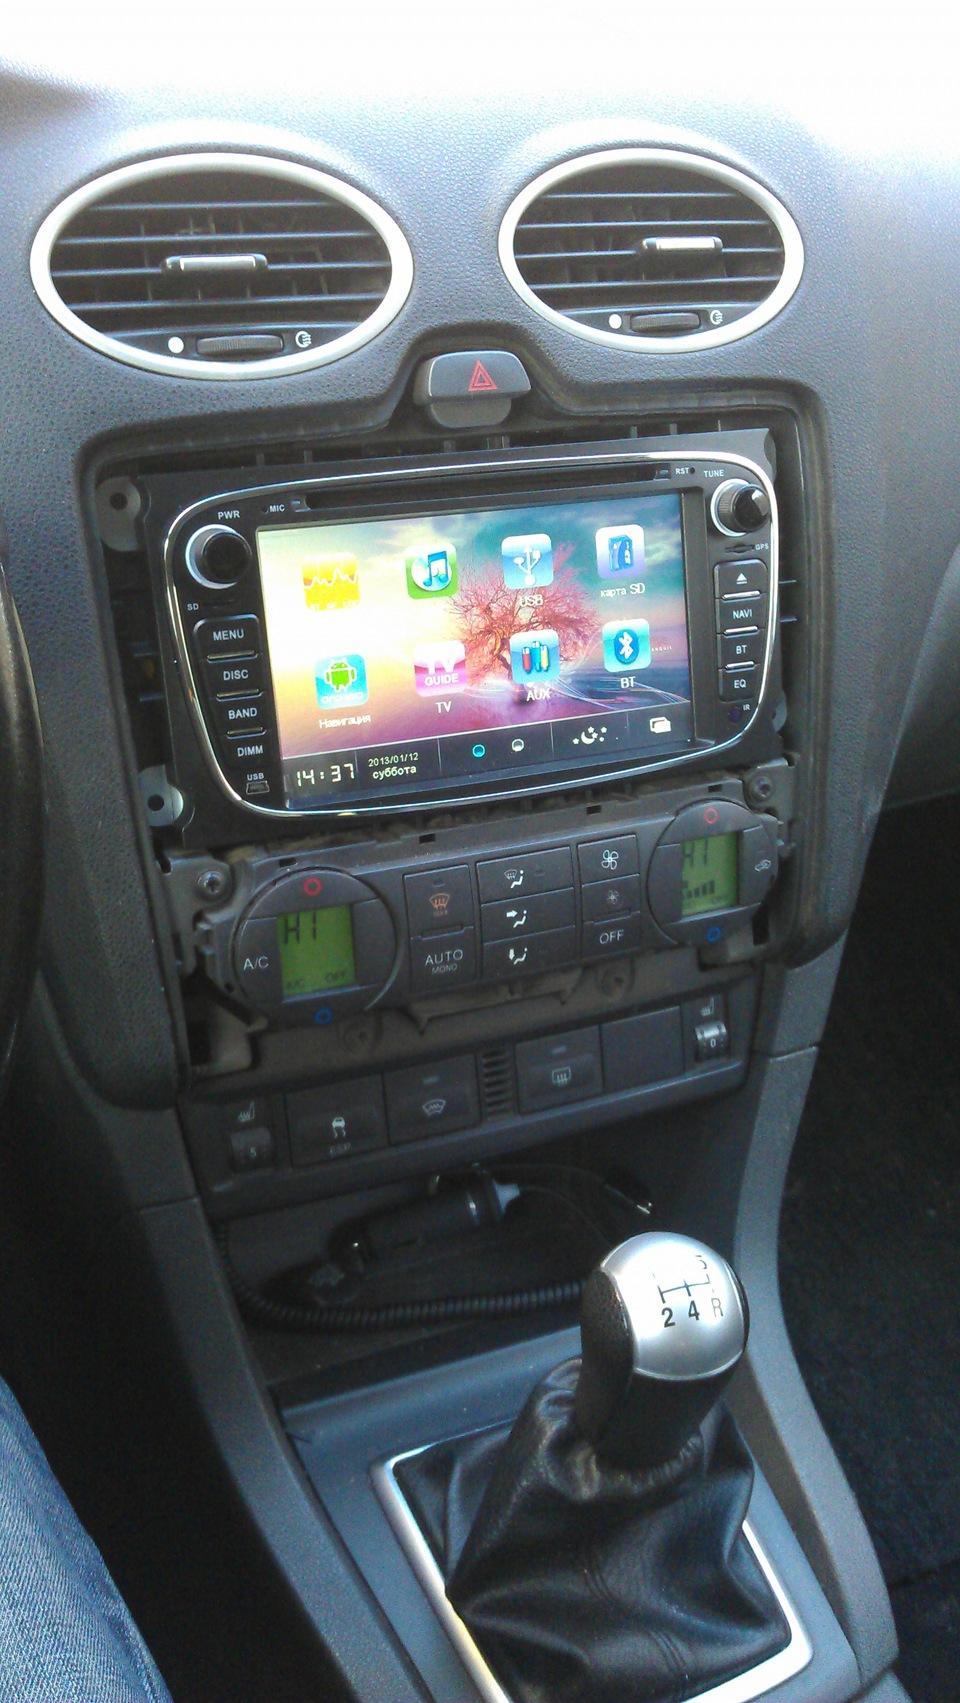 магнитола для форд фокус 2 на андроид огнестрельного